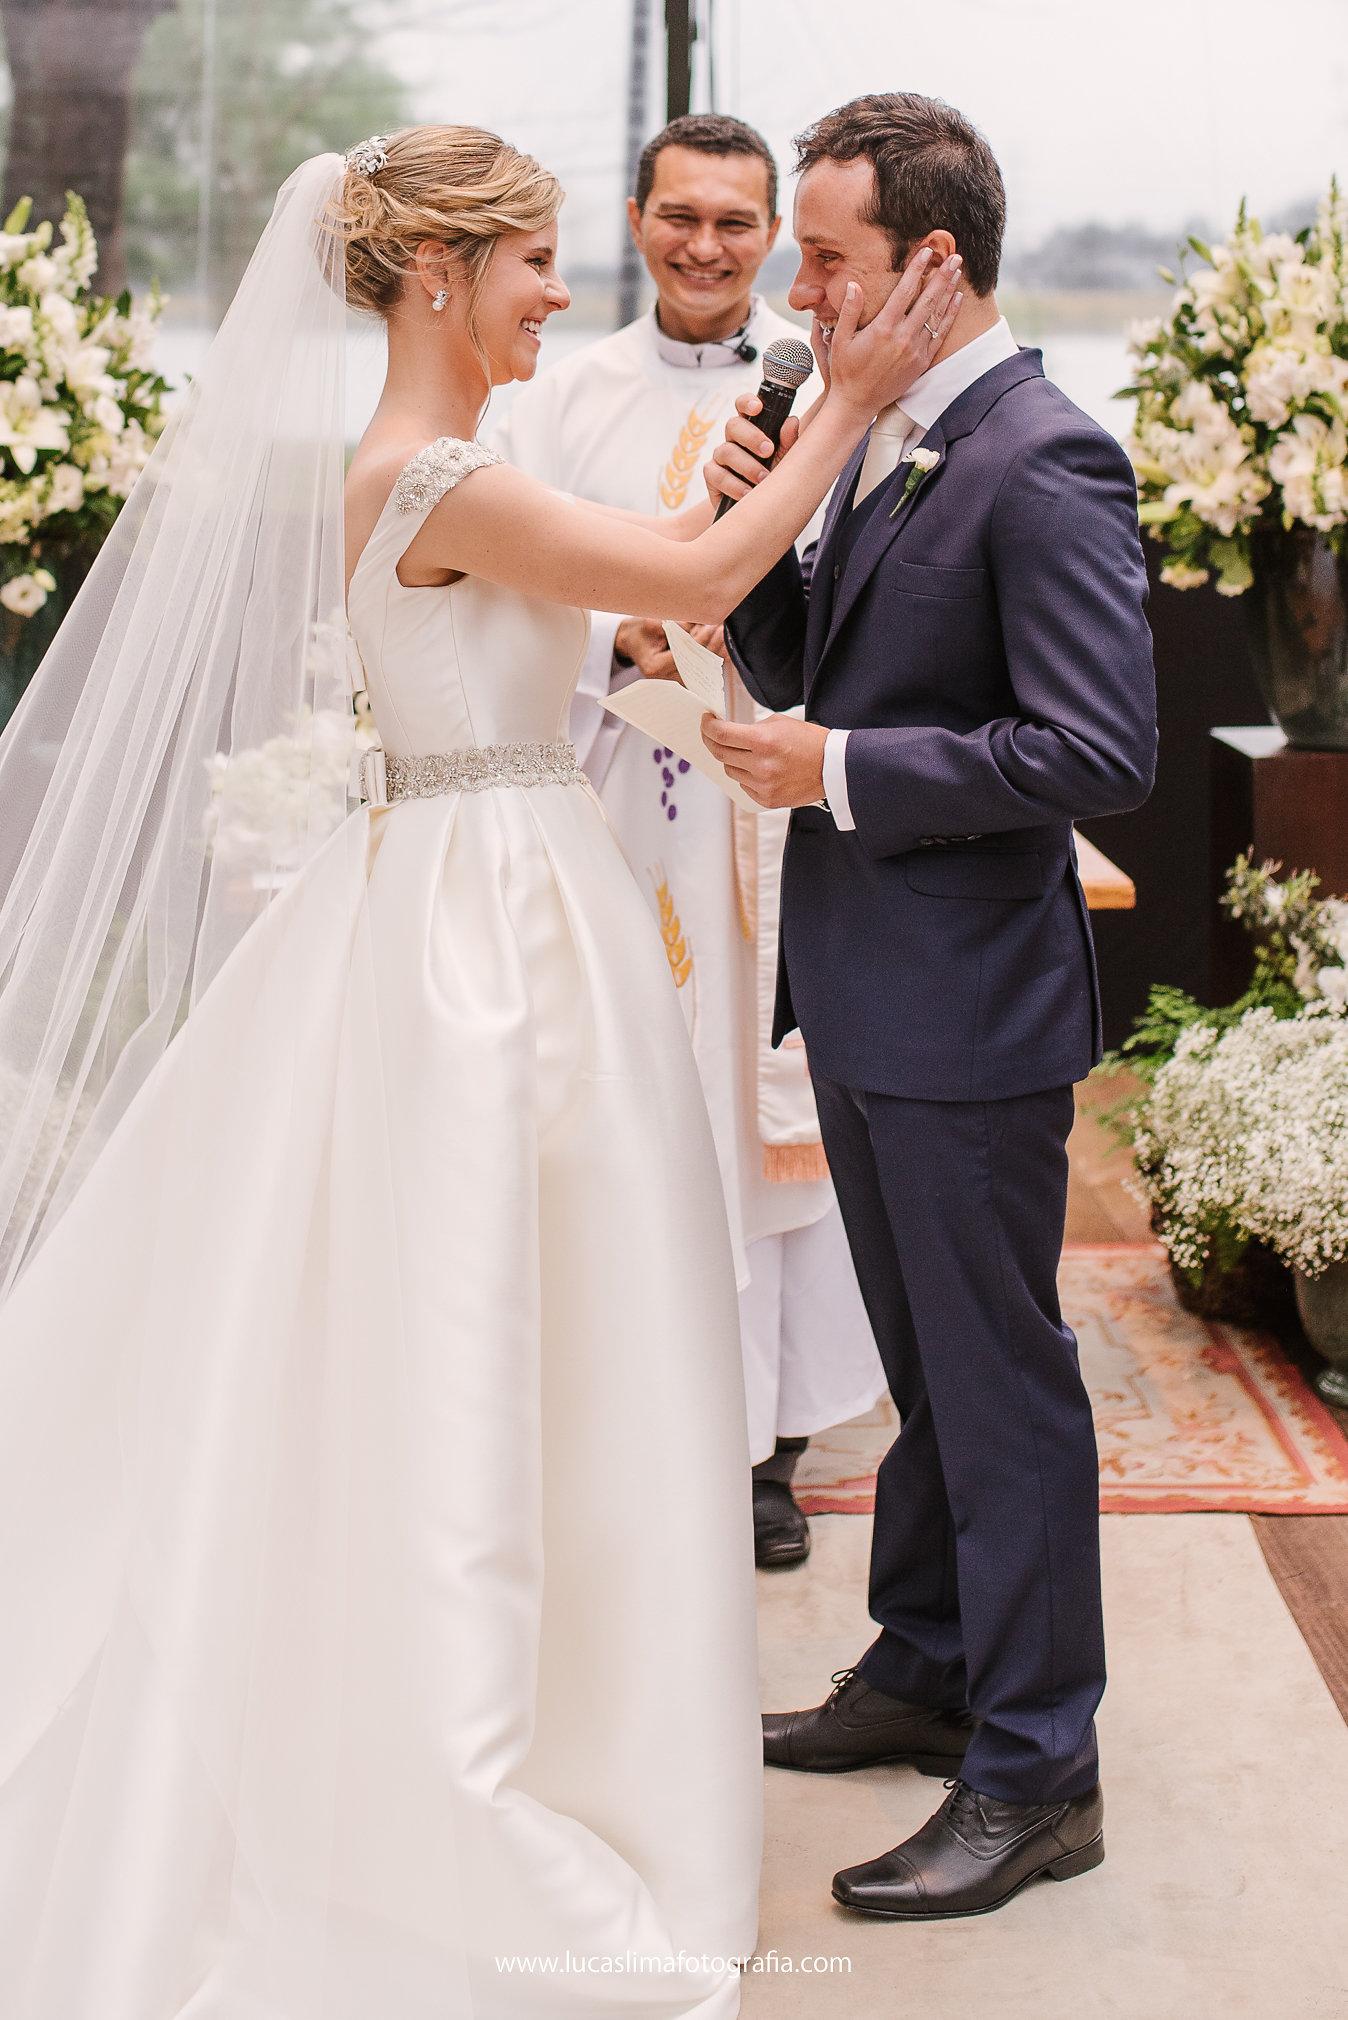 casamento-flavia-e-thomas-lucaslimafotografia-119